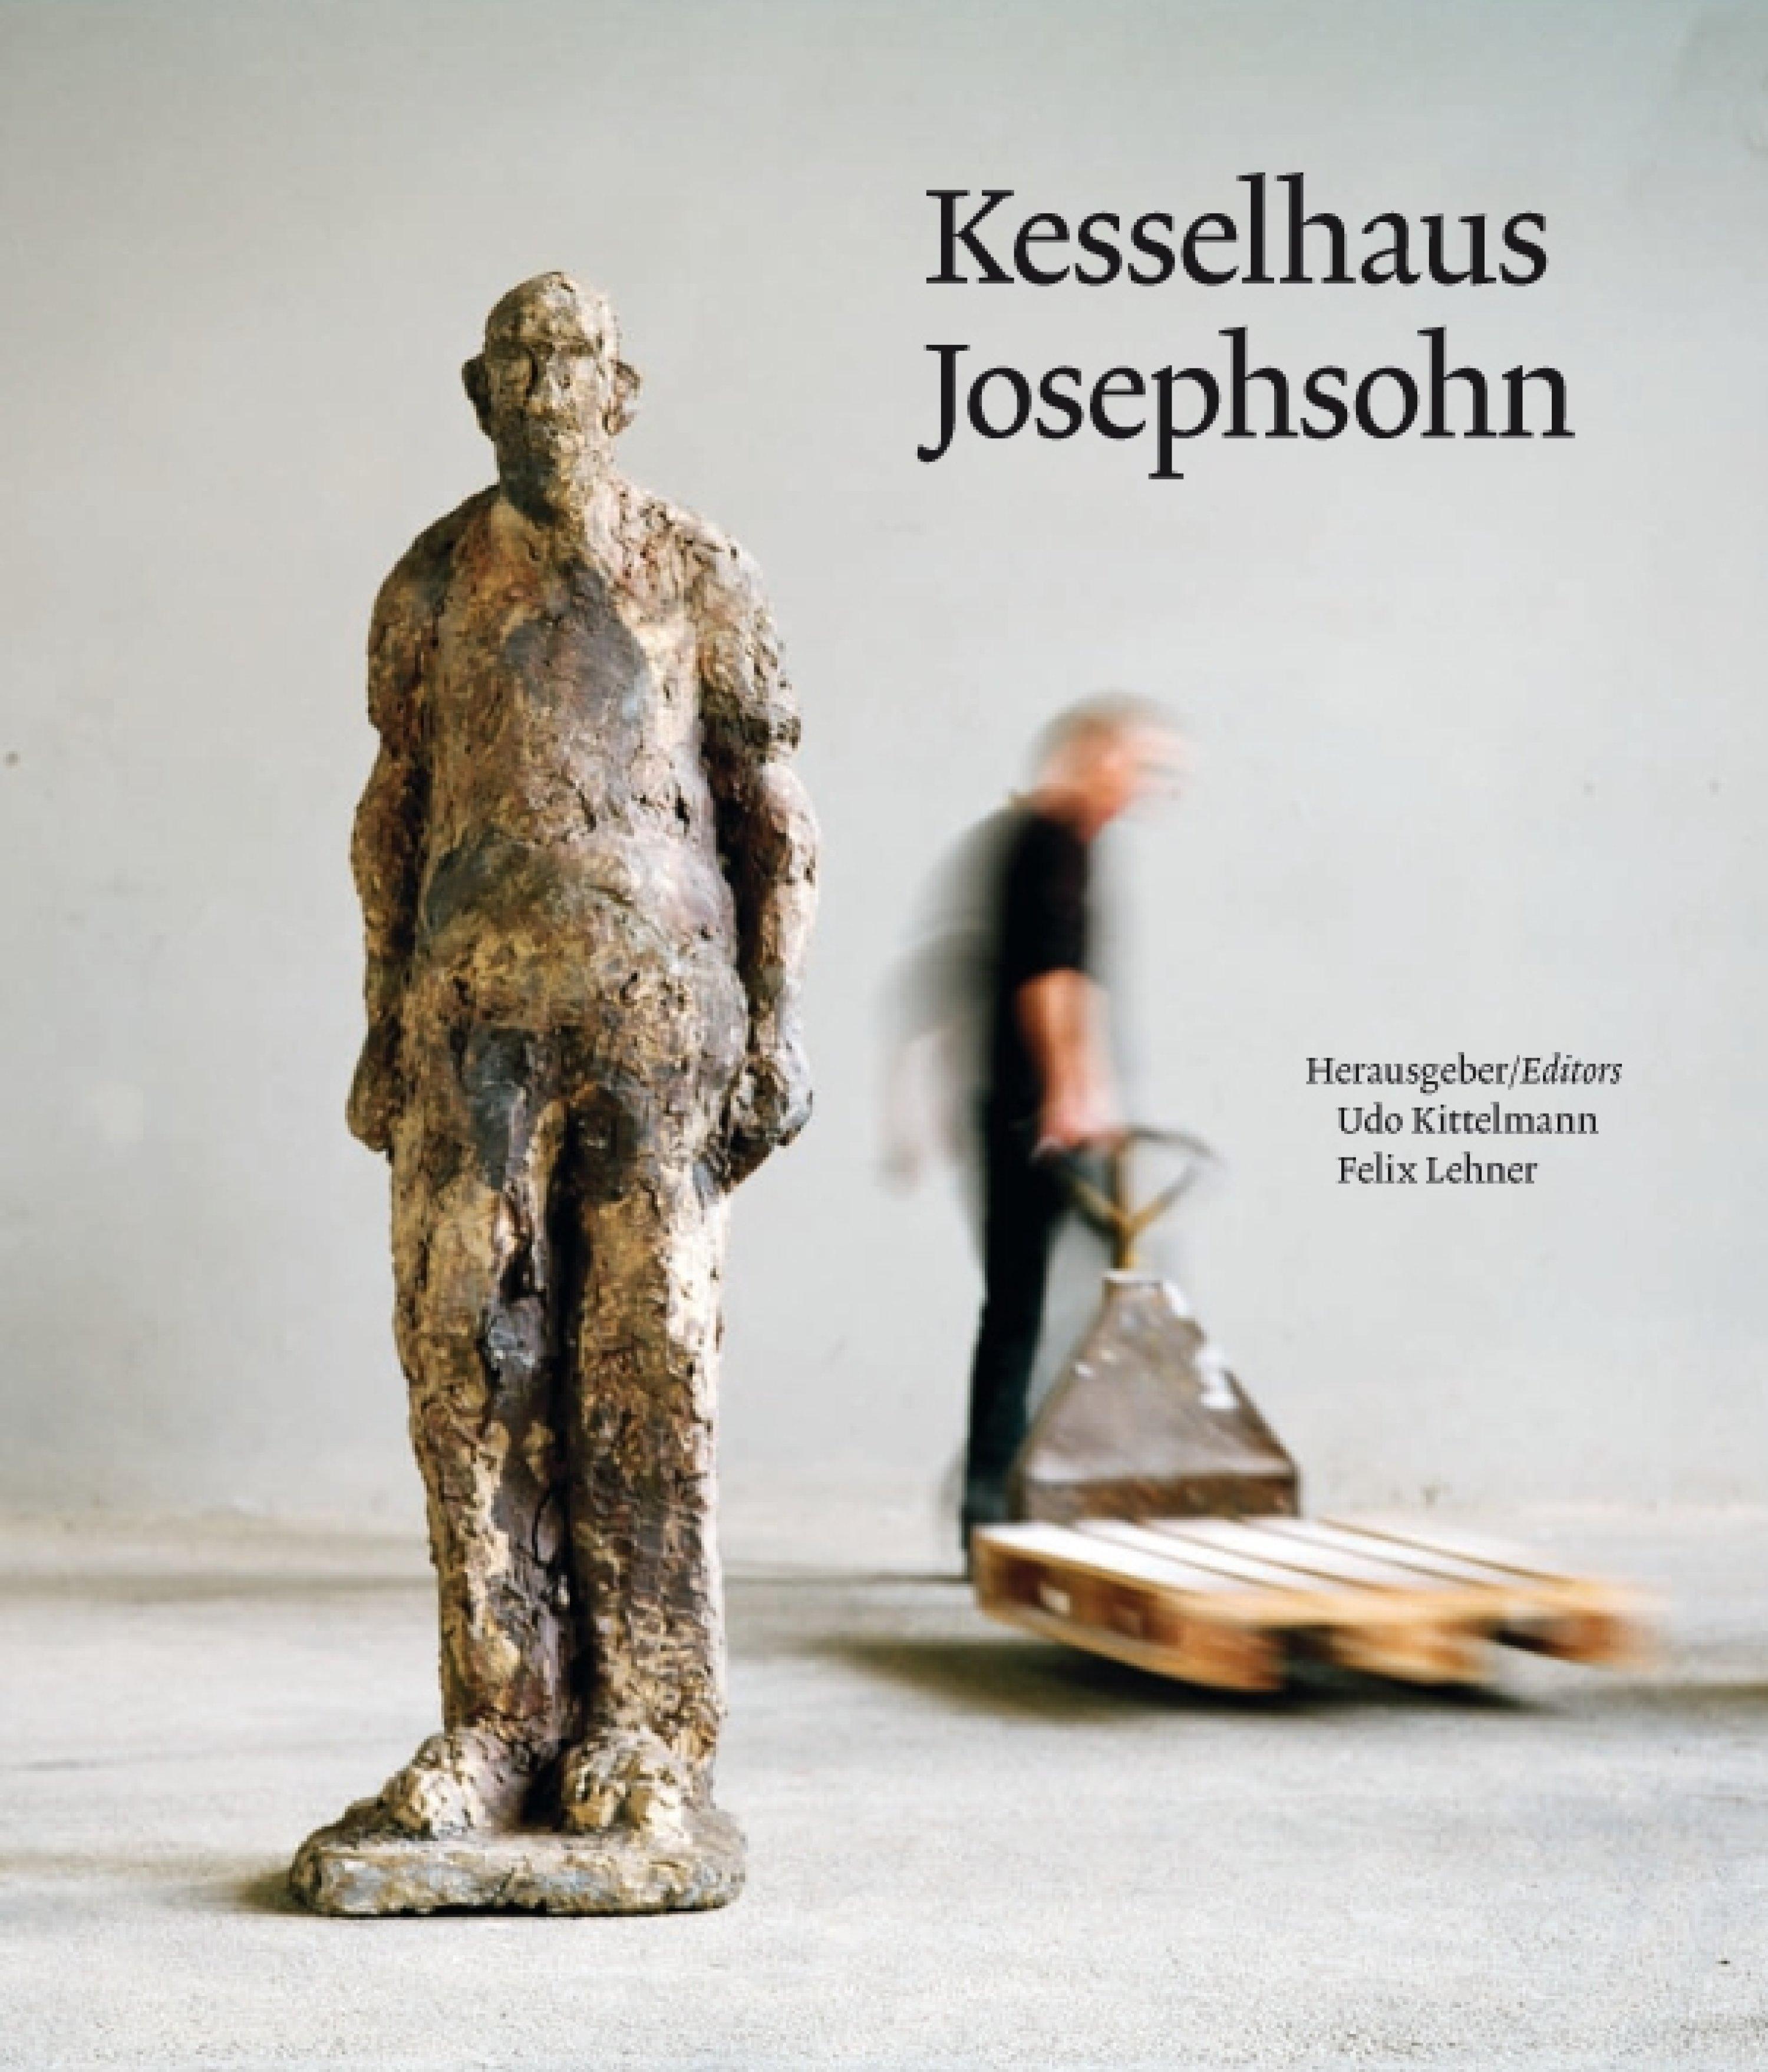 2008_Bildband_Kesselhaus_Josephsohn - Kesselhaus Josephsohn